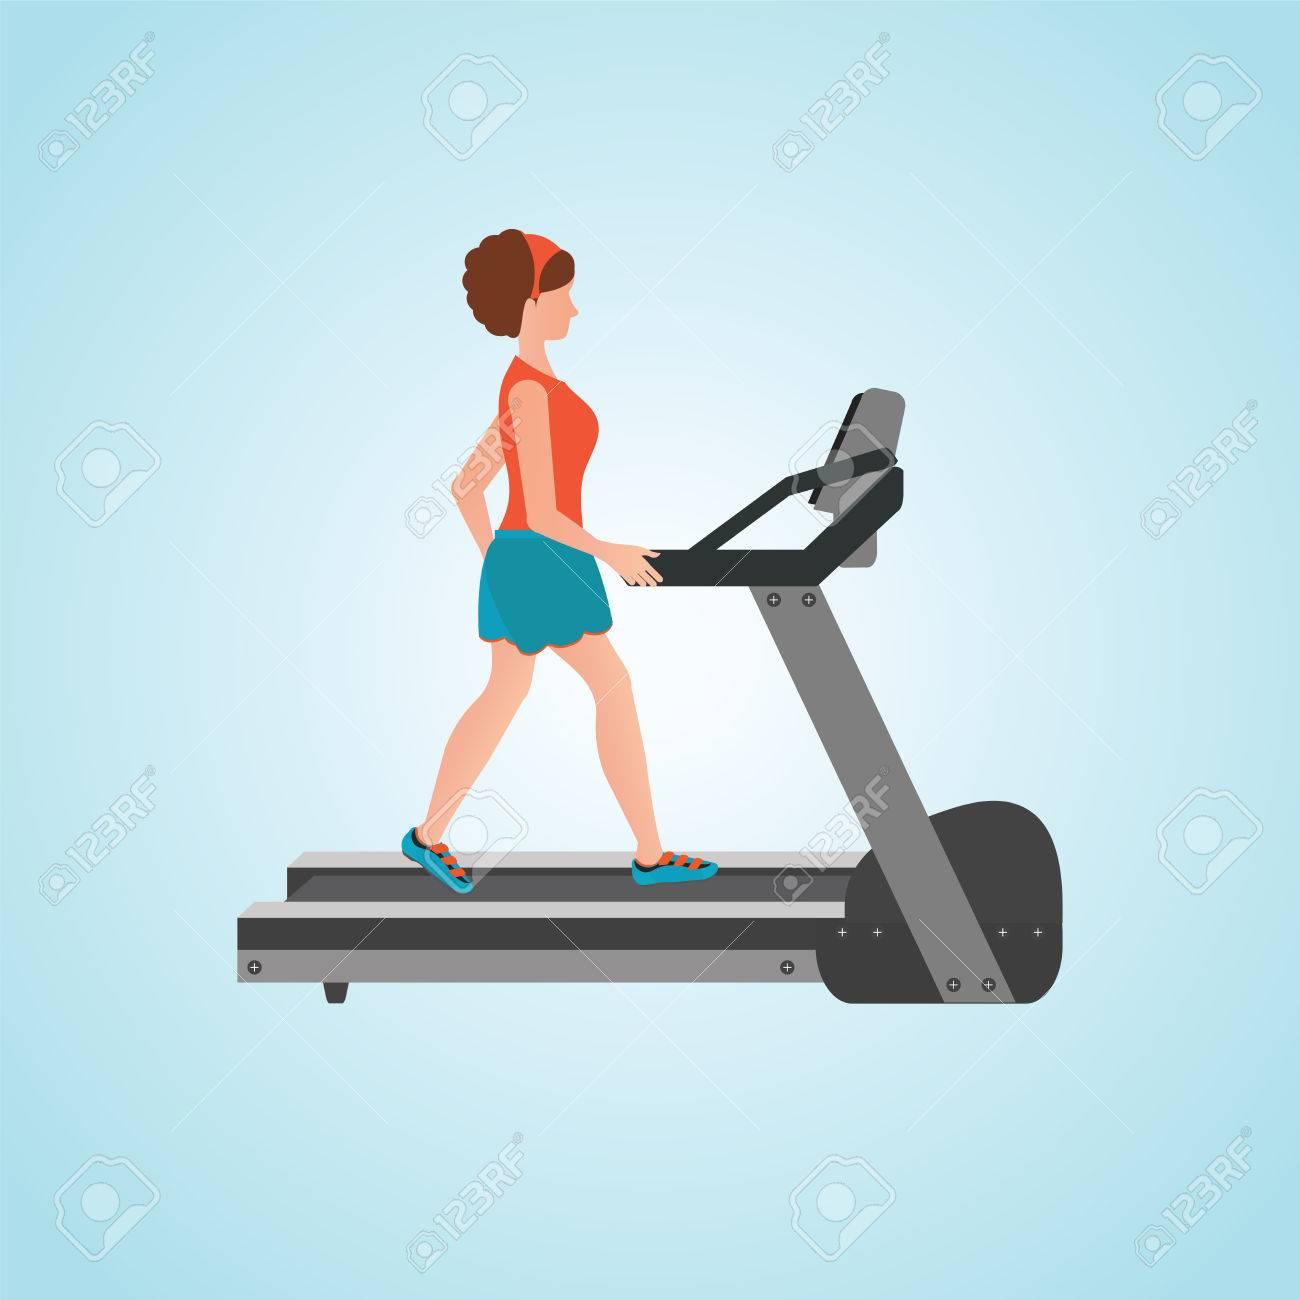 jeune femme adulte courir sur tapis roulant sport fitness athletisme mode de vie sain cartoon caractere vector illustration